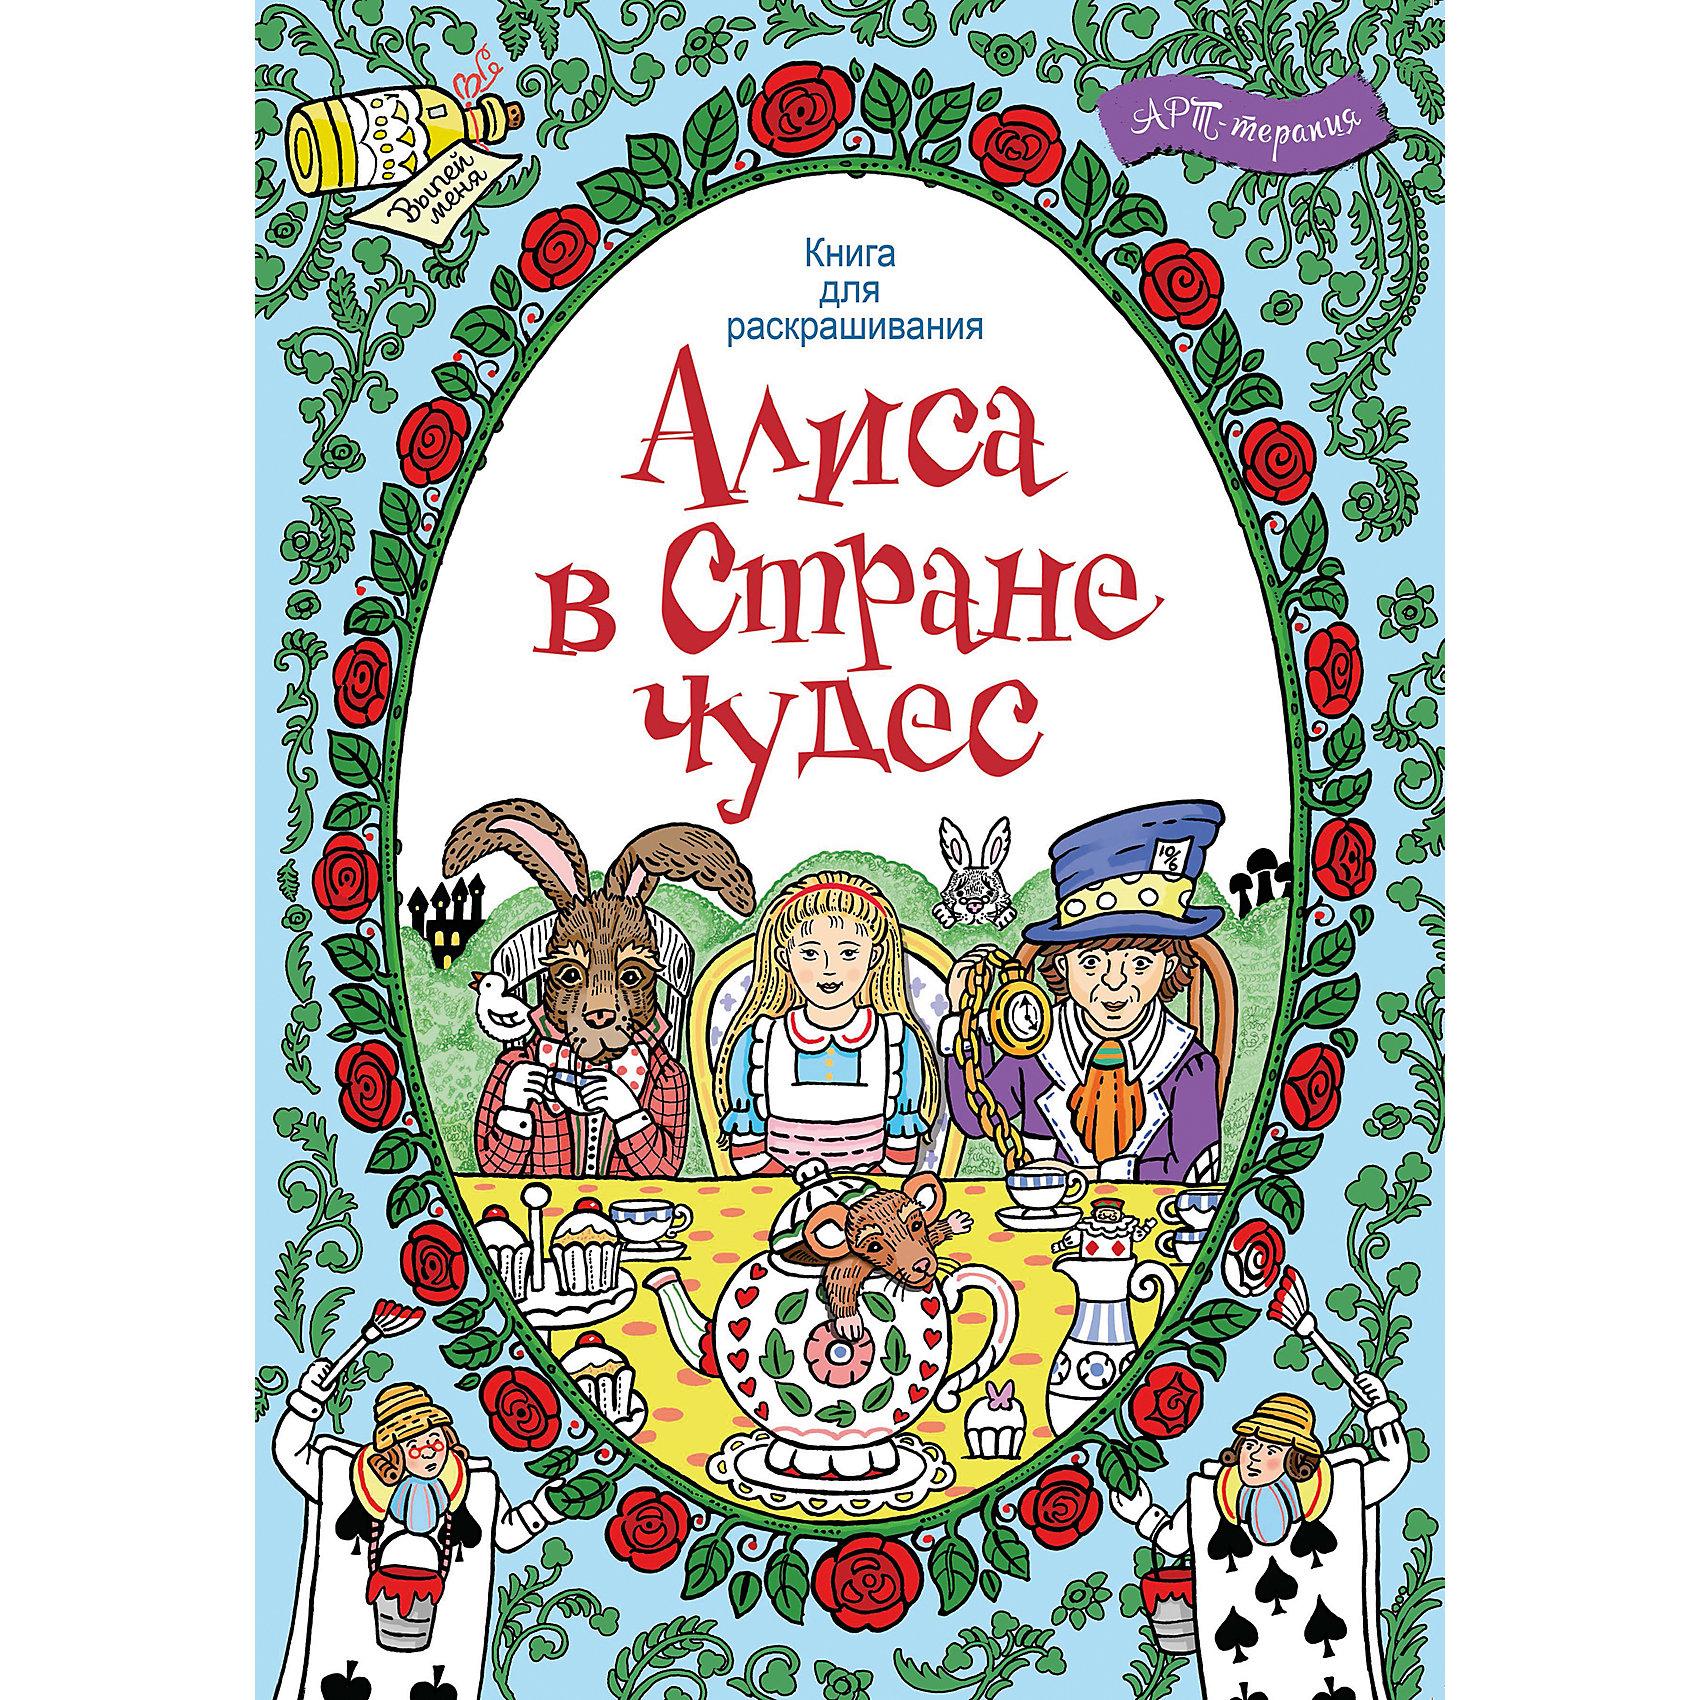 Книга для раскрашивания Алиса в стране чудесКнига для раскрашивания Алиса в стране чудес – это удивительная книга с картинками для раскрашивания из серии «Арт-терапия».<br>Нырни вместе с Алисой в кроличью норку и раскрась самую странную на свете Страну чудес… Оригинальные картинки с плавными линиями и причудливыми узорами помогут полностью отключиться от реальности и погрузиться в другой фантастический мир.<br><br>Дополнительная информация:<br><br>- Художник: Клойн Рэйчел<br>- Издательство: Хоббитека, 2015 г.<br>- Серия: Арт-терапия. Книга-антистресс<br>- Жанр: Книги для творчества<br>- Тип обложки: мягкий переплет (крепление скрепкой или клеем)<br>- Иллюстрации: черно-белые, цветные<br>- Количество страниц: 32 (офсет)<br>- Размер: 295x210x5 мм.<br>- Вес: 196 гр.<br><br>Книгу для раскрашивания Алиса в стране чудес можно купить в нашем интернет-магазине.<br><br>Ширина мм: 210<br>Глубина мм: 5<br>Высота мм: 297<br>Вес г: 200<br>Возраст от месяцев: 72<br>Возраст до месяцев: 192<br>Пол: Унисекс<br>Возраст: Детский<br>SKU: 4625748